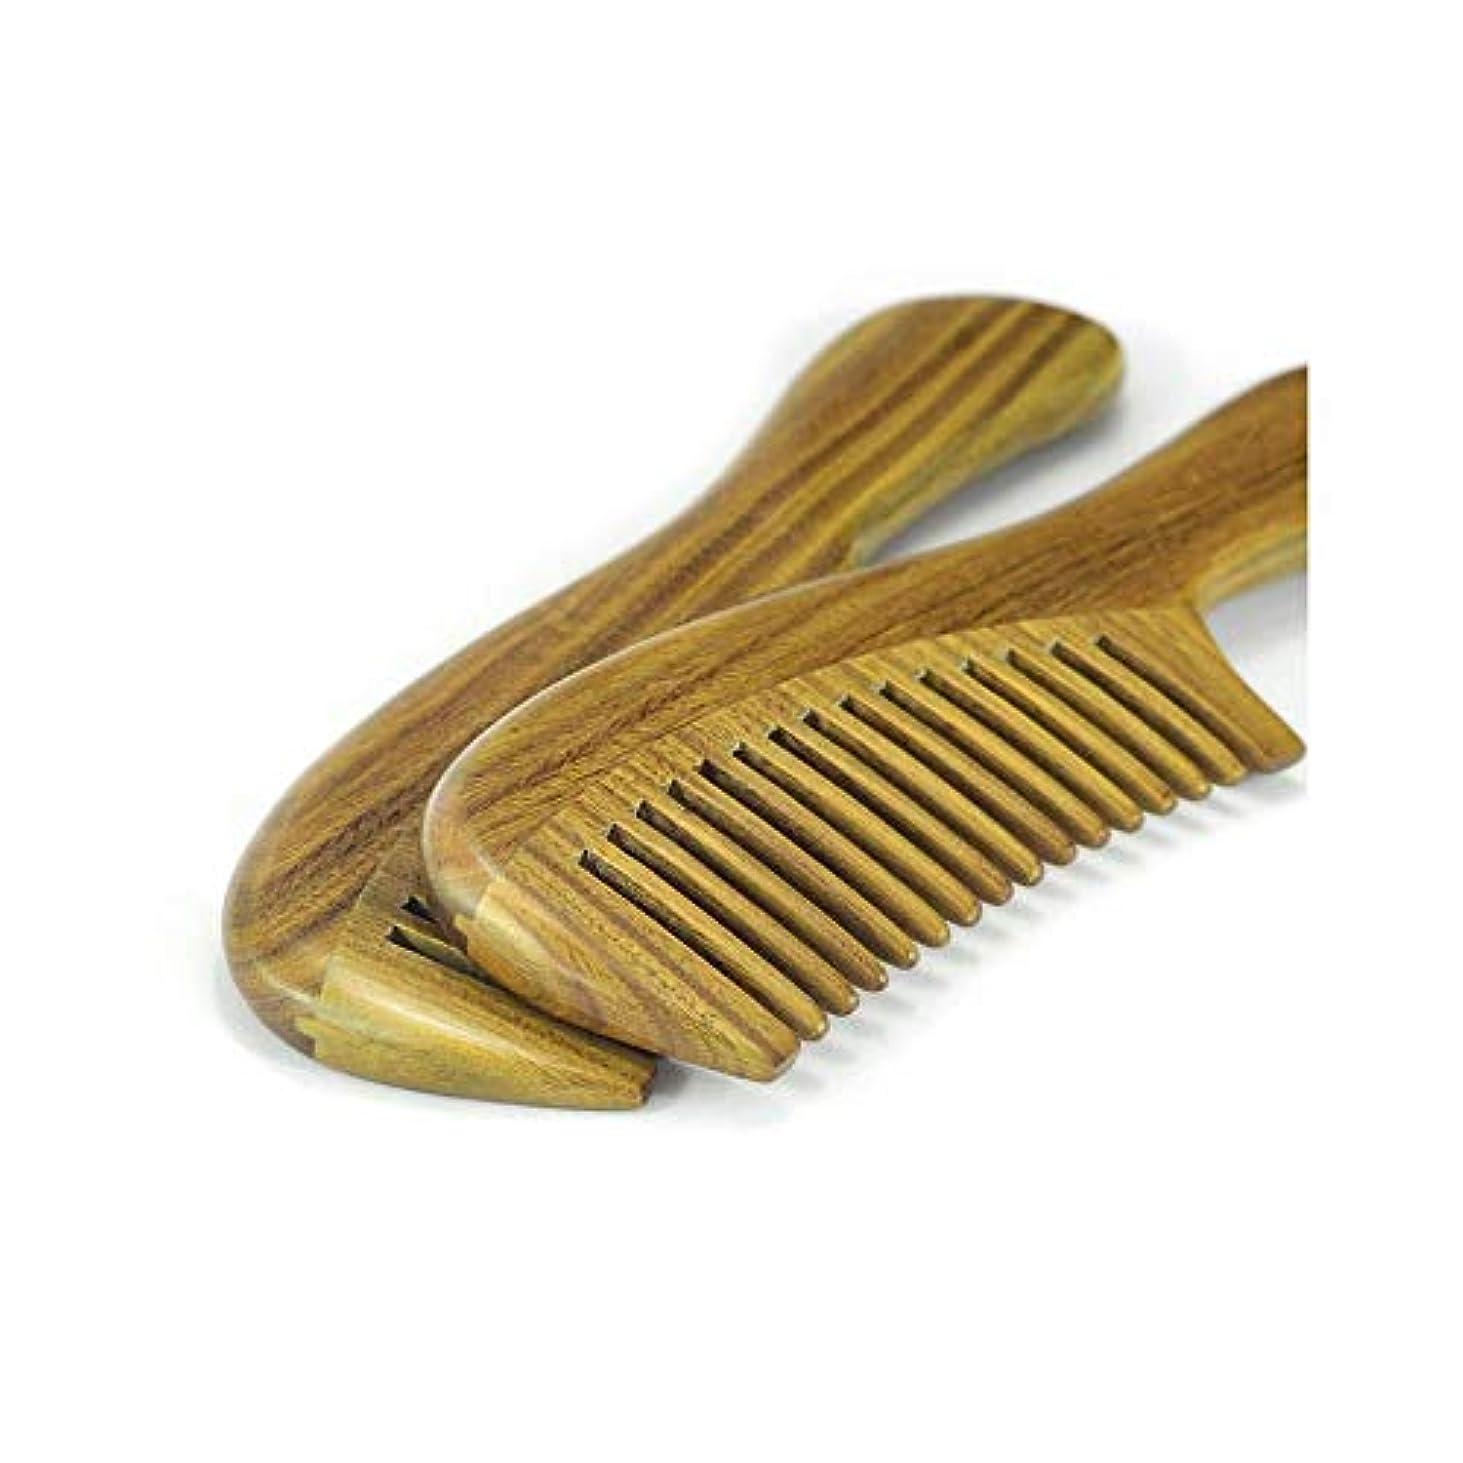 シャット未使用火薬Fashianナチュラルグリーンサンダルウッド木製のもつれ解除はありません静的ヘアコーム(標準歯形、20センチメートル) ヘアケア